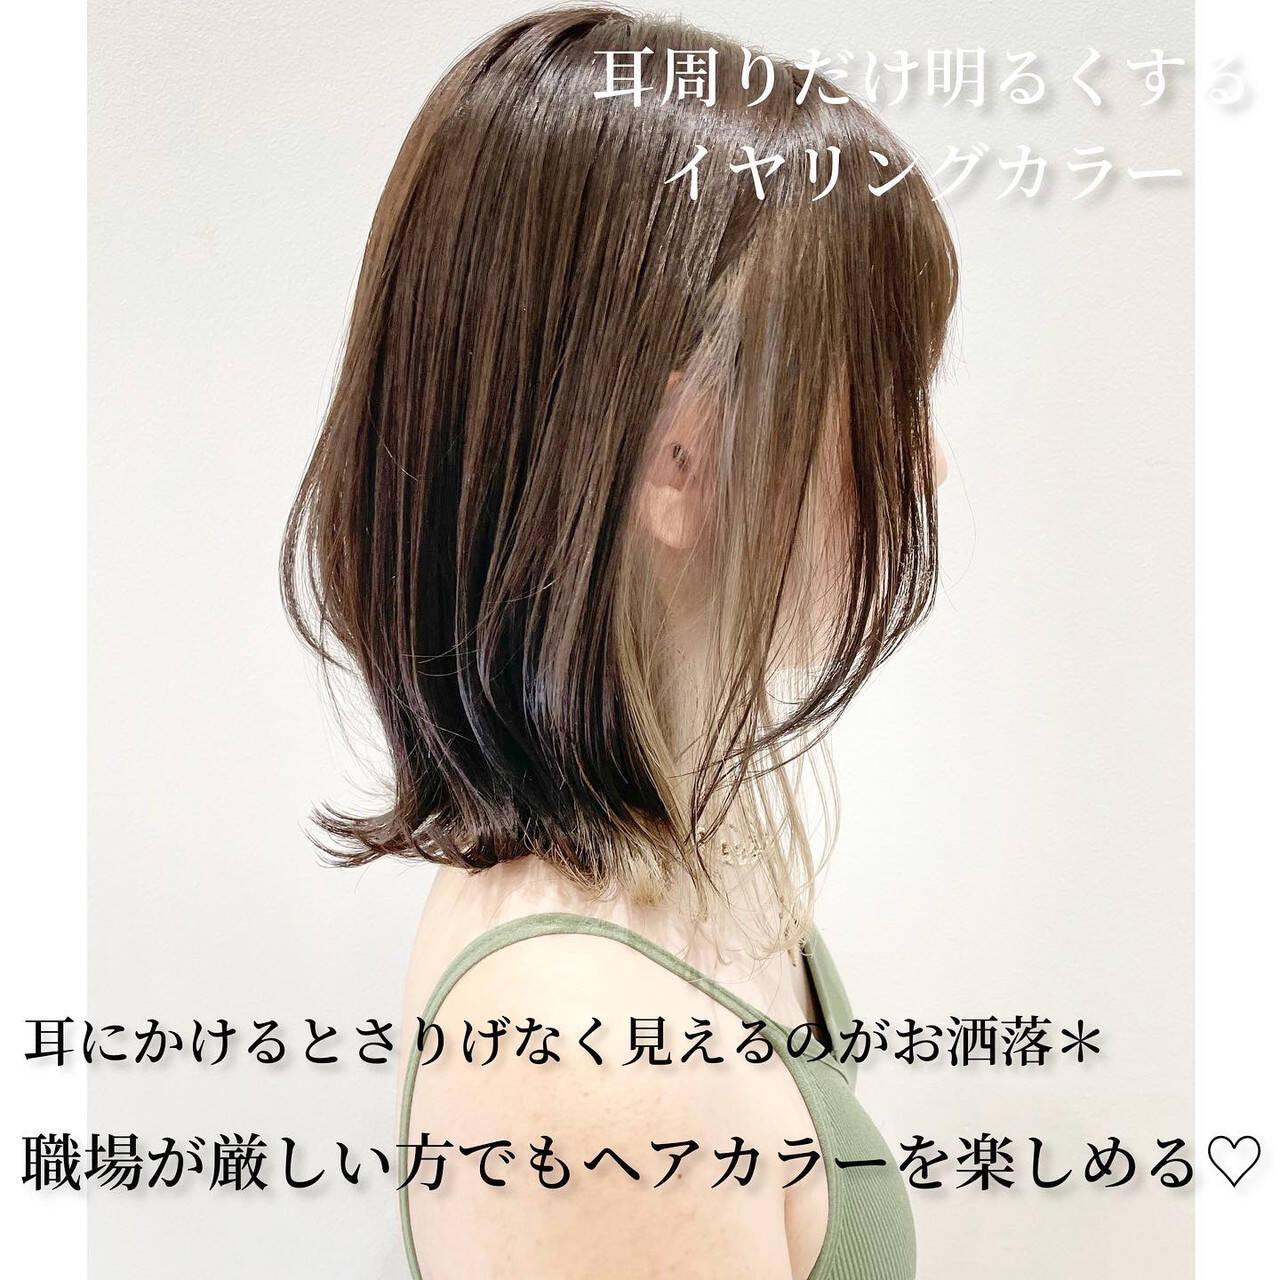 ミディアムヘアー ミディアム ナチュラル 髪質改善トリートメントヘアスタイルや髪型の写真・画像